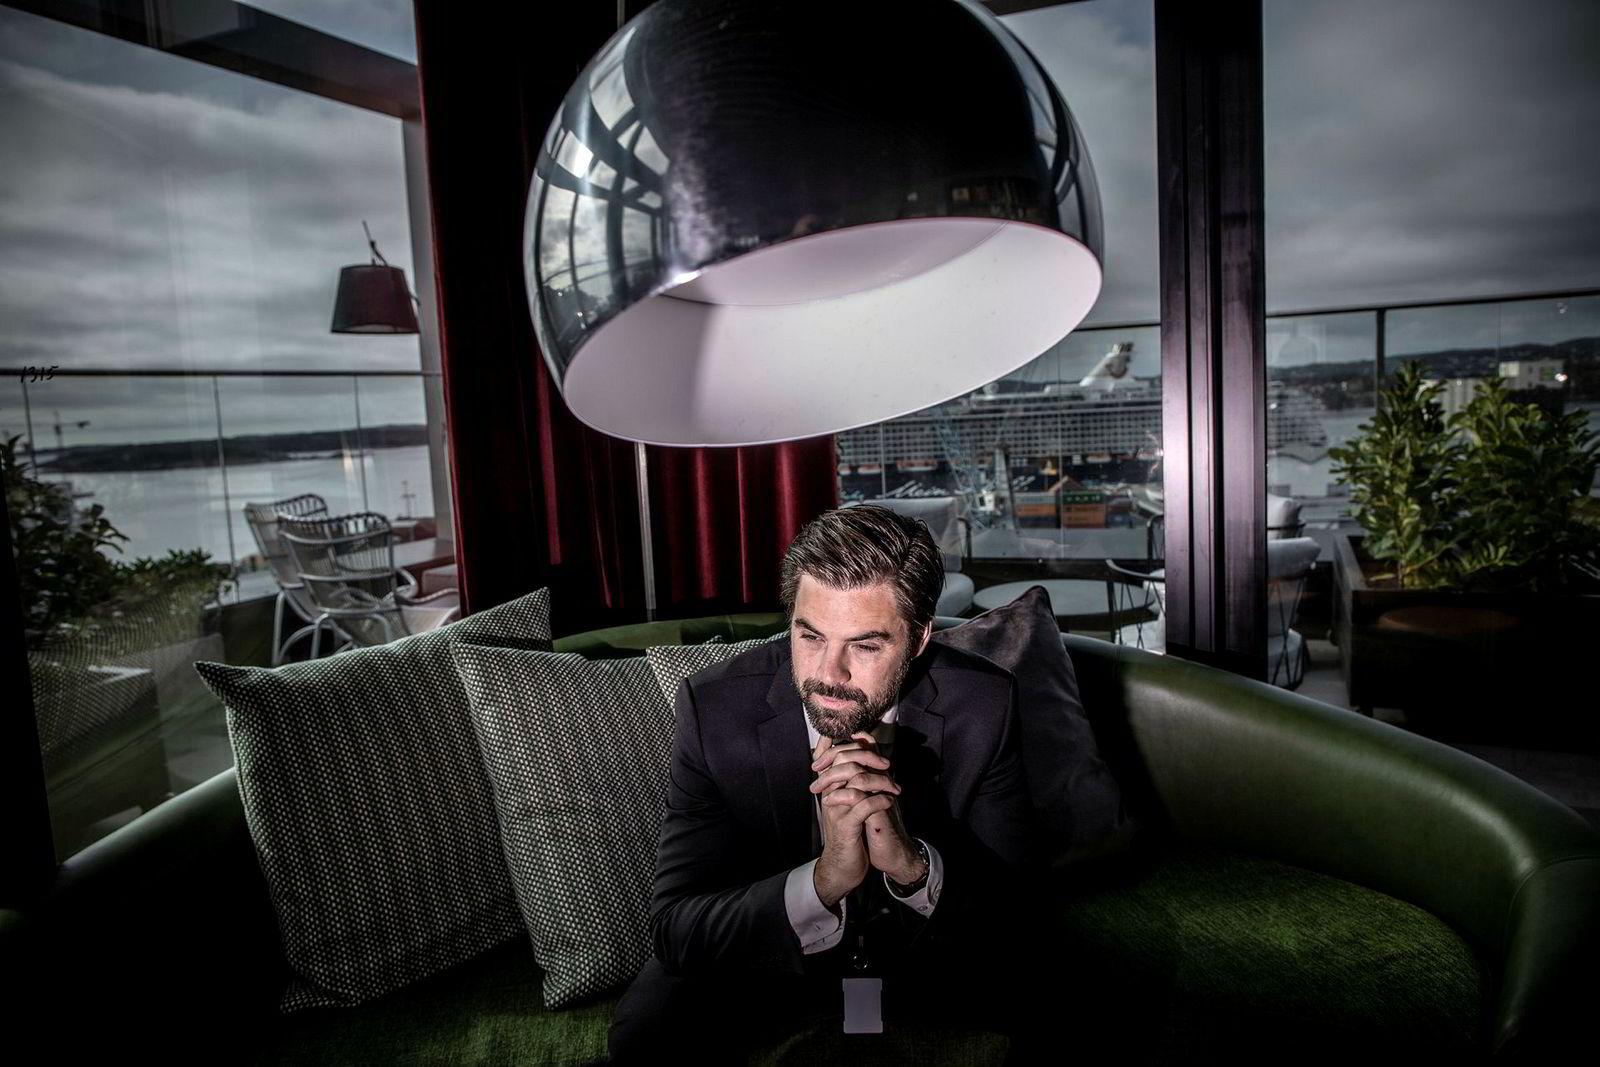 Hotelldirektør Erik Riis Jacobsen ved Radisson Blu Caledonien Hotel i Kristiansand sier det har gått fra vondt til verre i lavsesongen på vinteren grunnet både flere hotellrom og færre gjester.